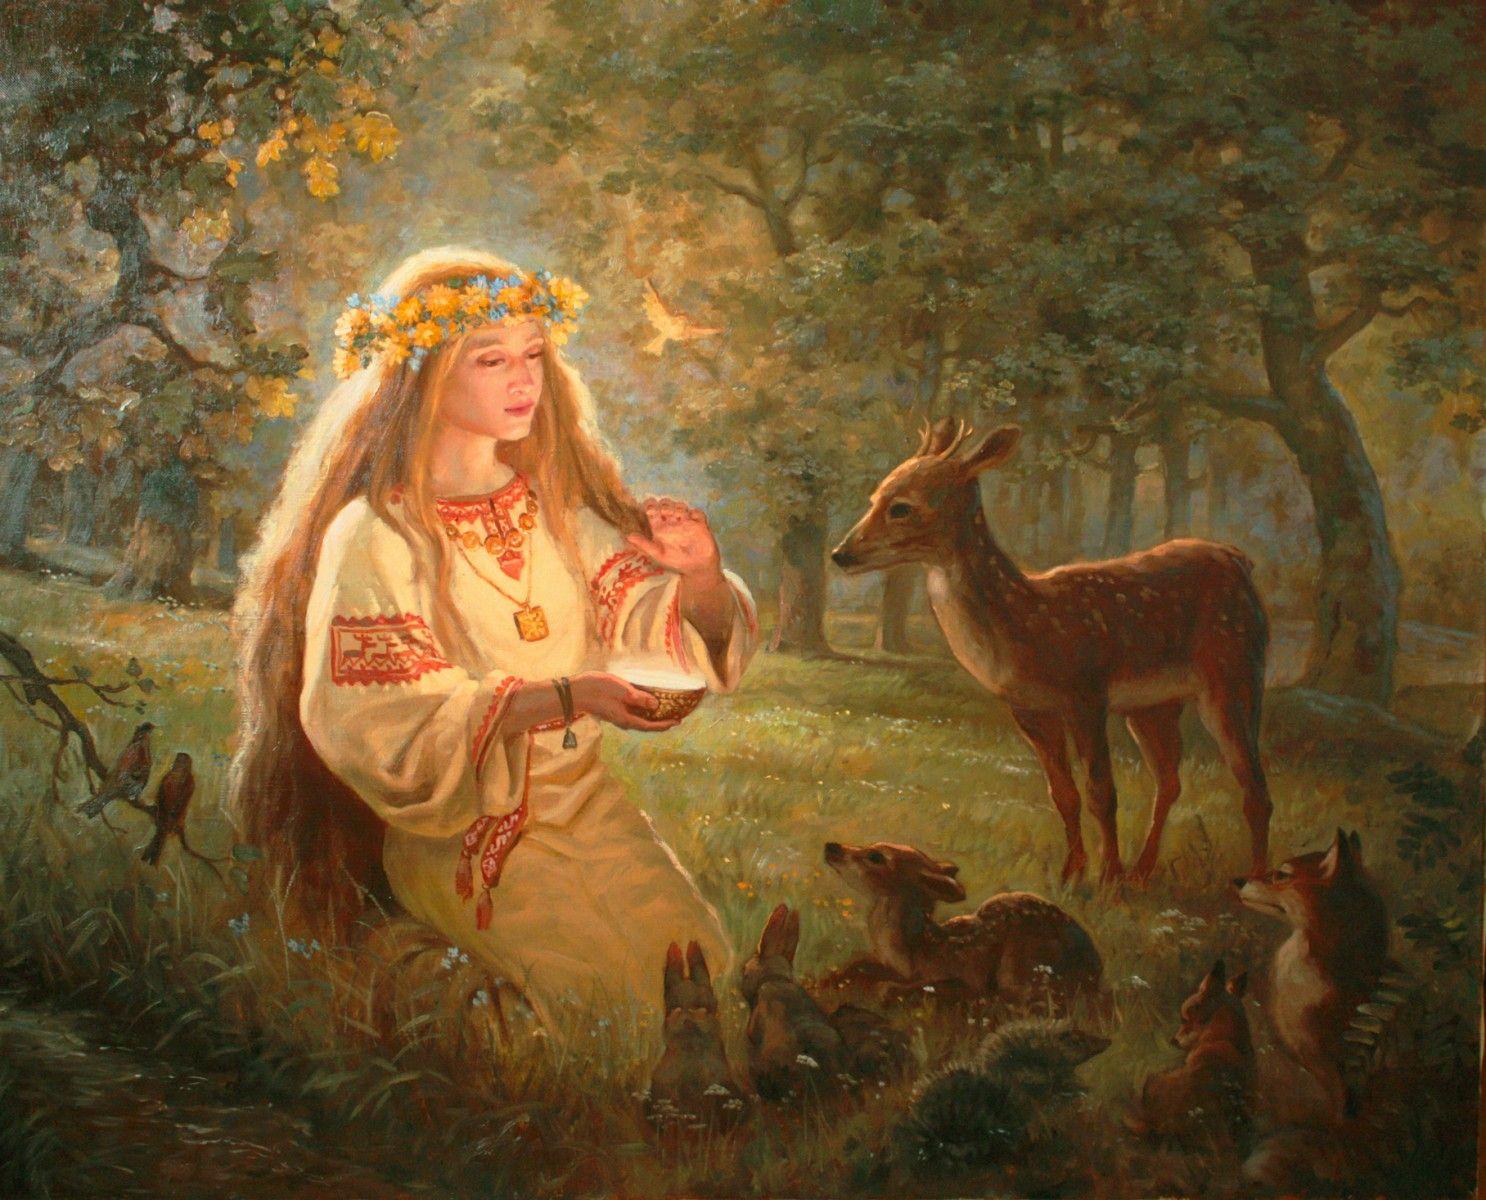 славянская богиня лада фото даже